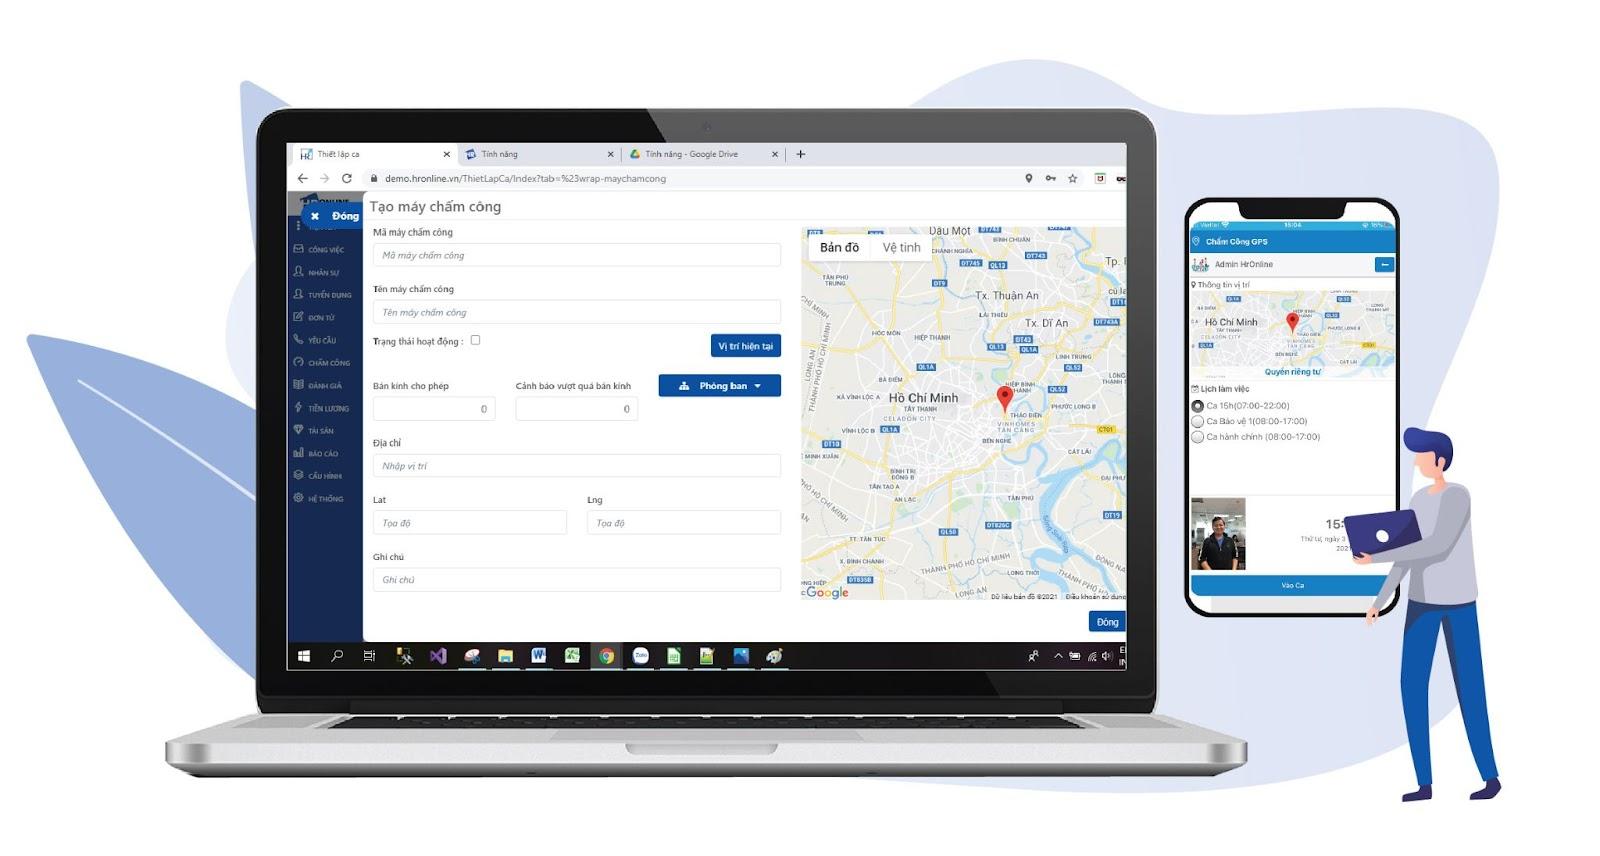 HrOnline - App quản lý nhân viên hiệu quả cho doanh nghiệp